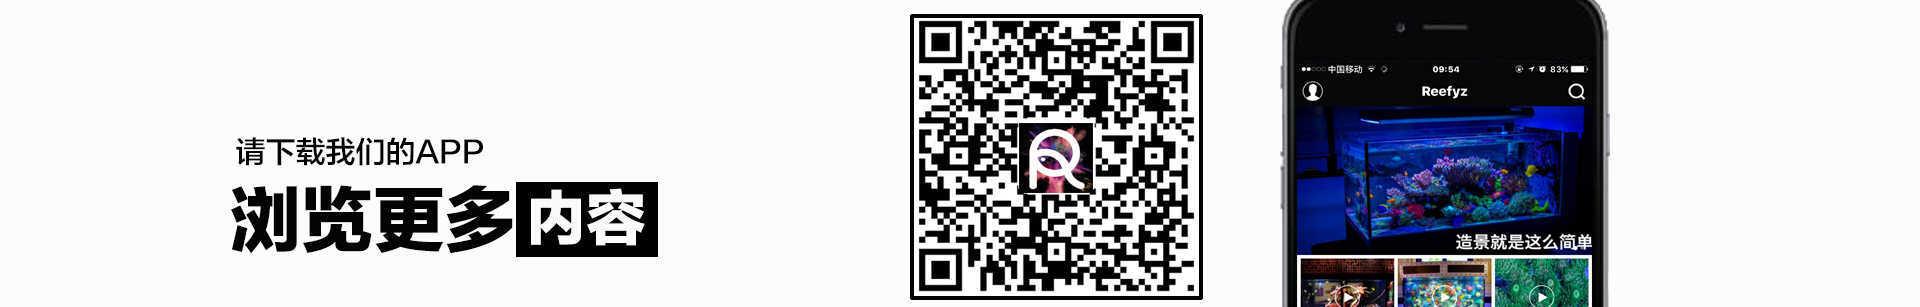 海友志 banner